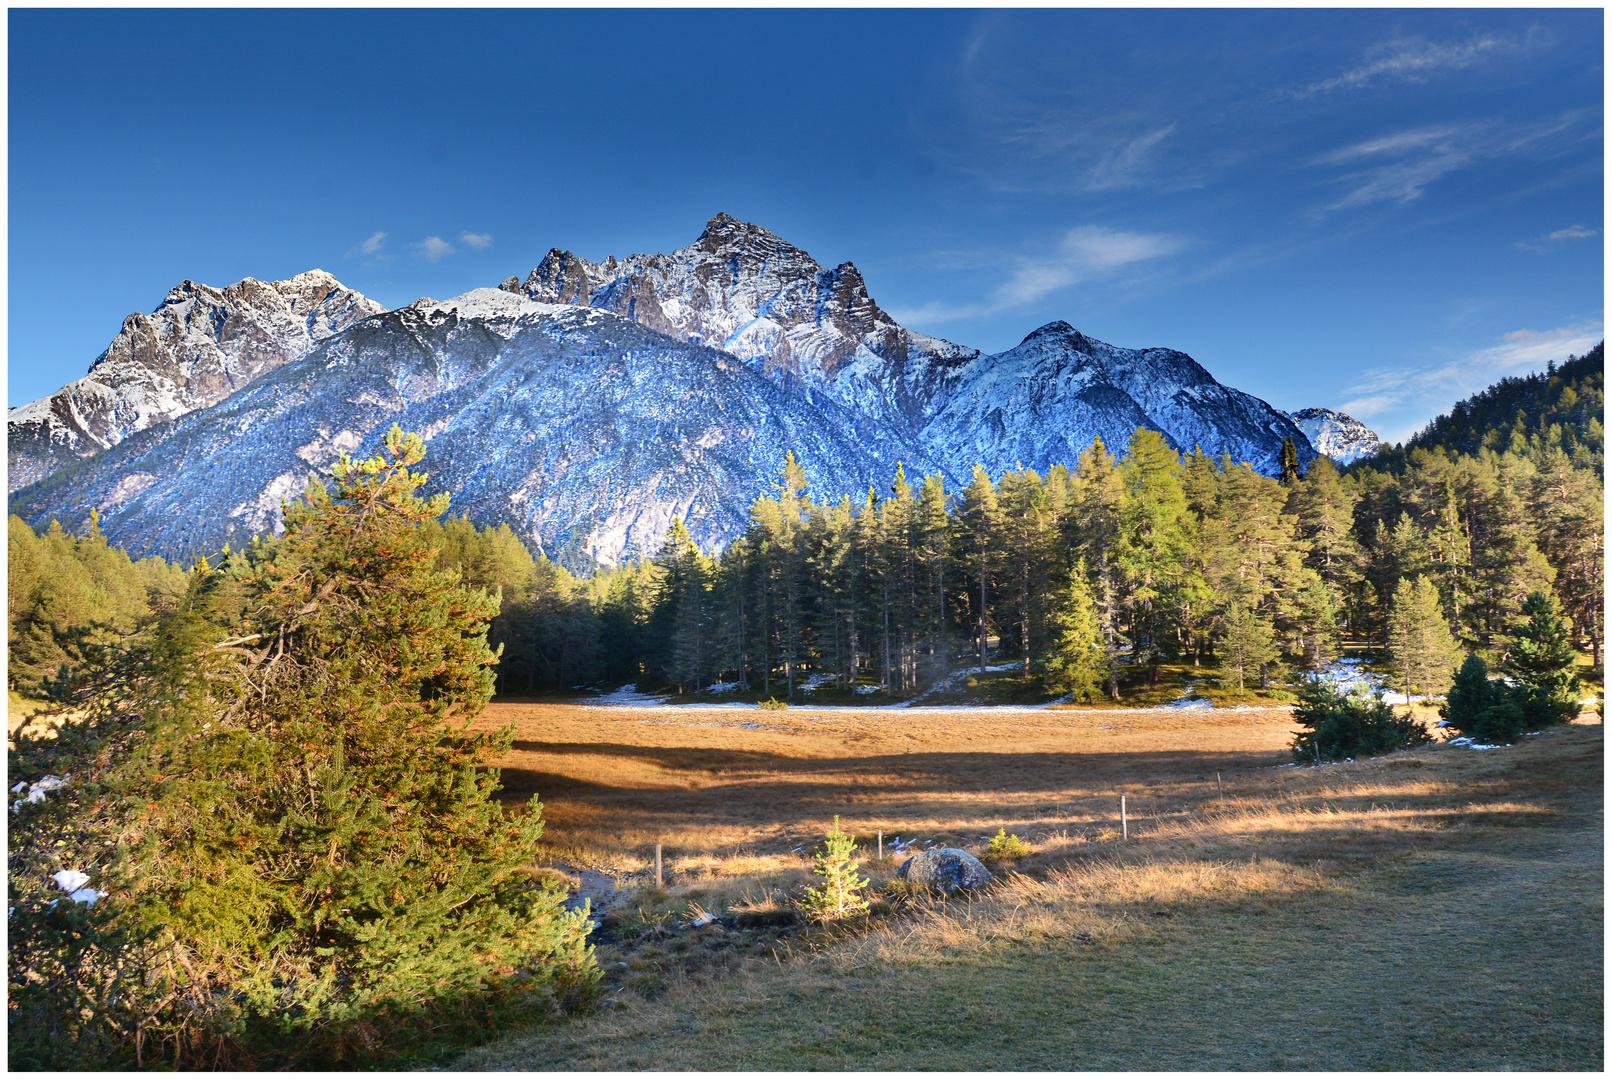 schweizer landschaften 163 foto bild schweiz landschaften berge bilder auf fotocommunity. Black Bedroom Furniture Sets. Home Design Ideas